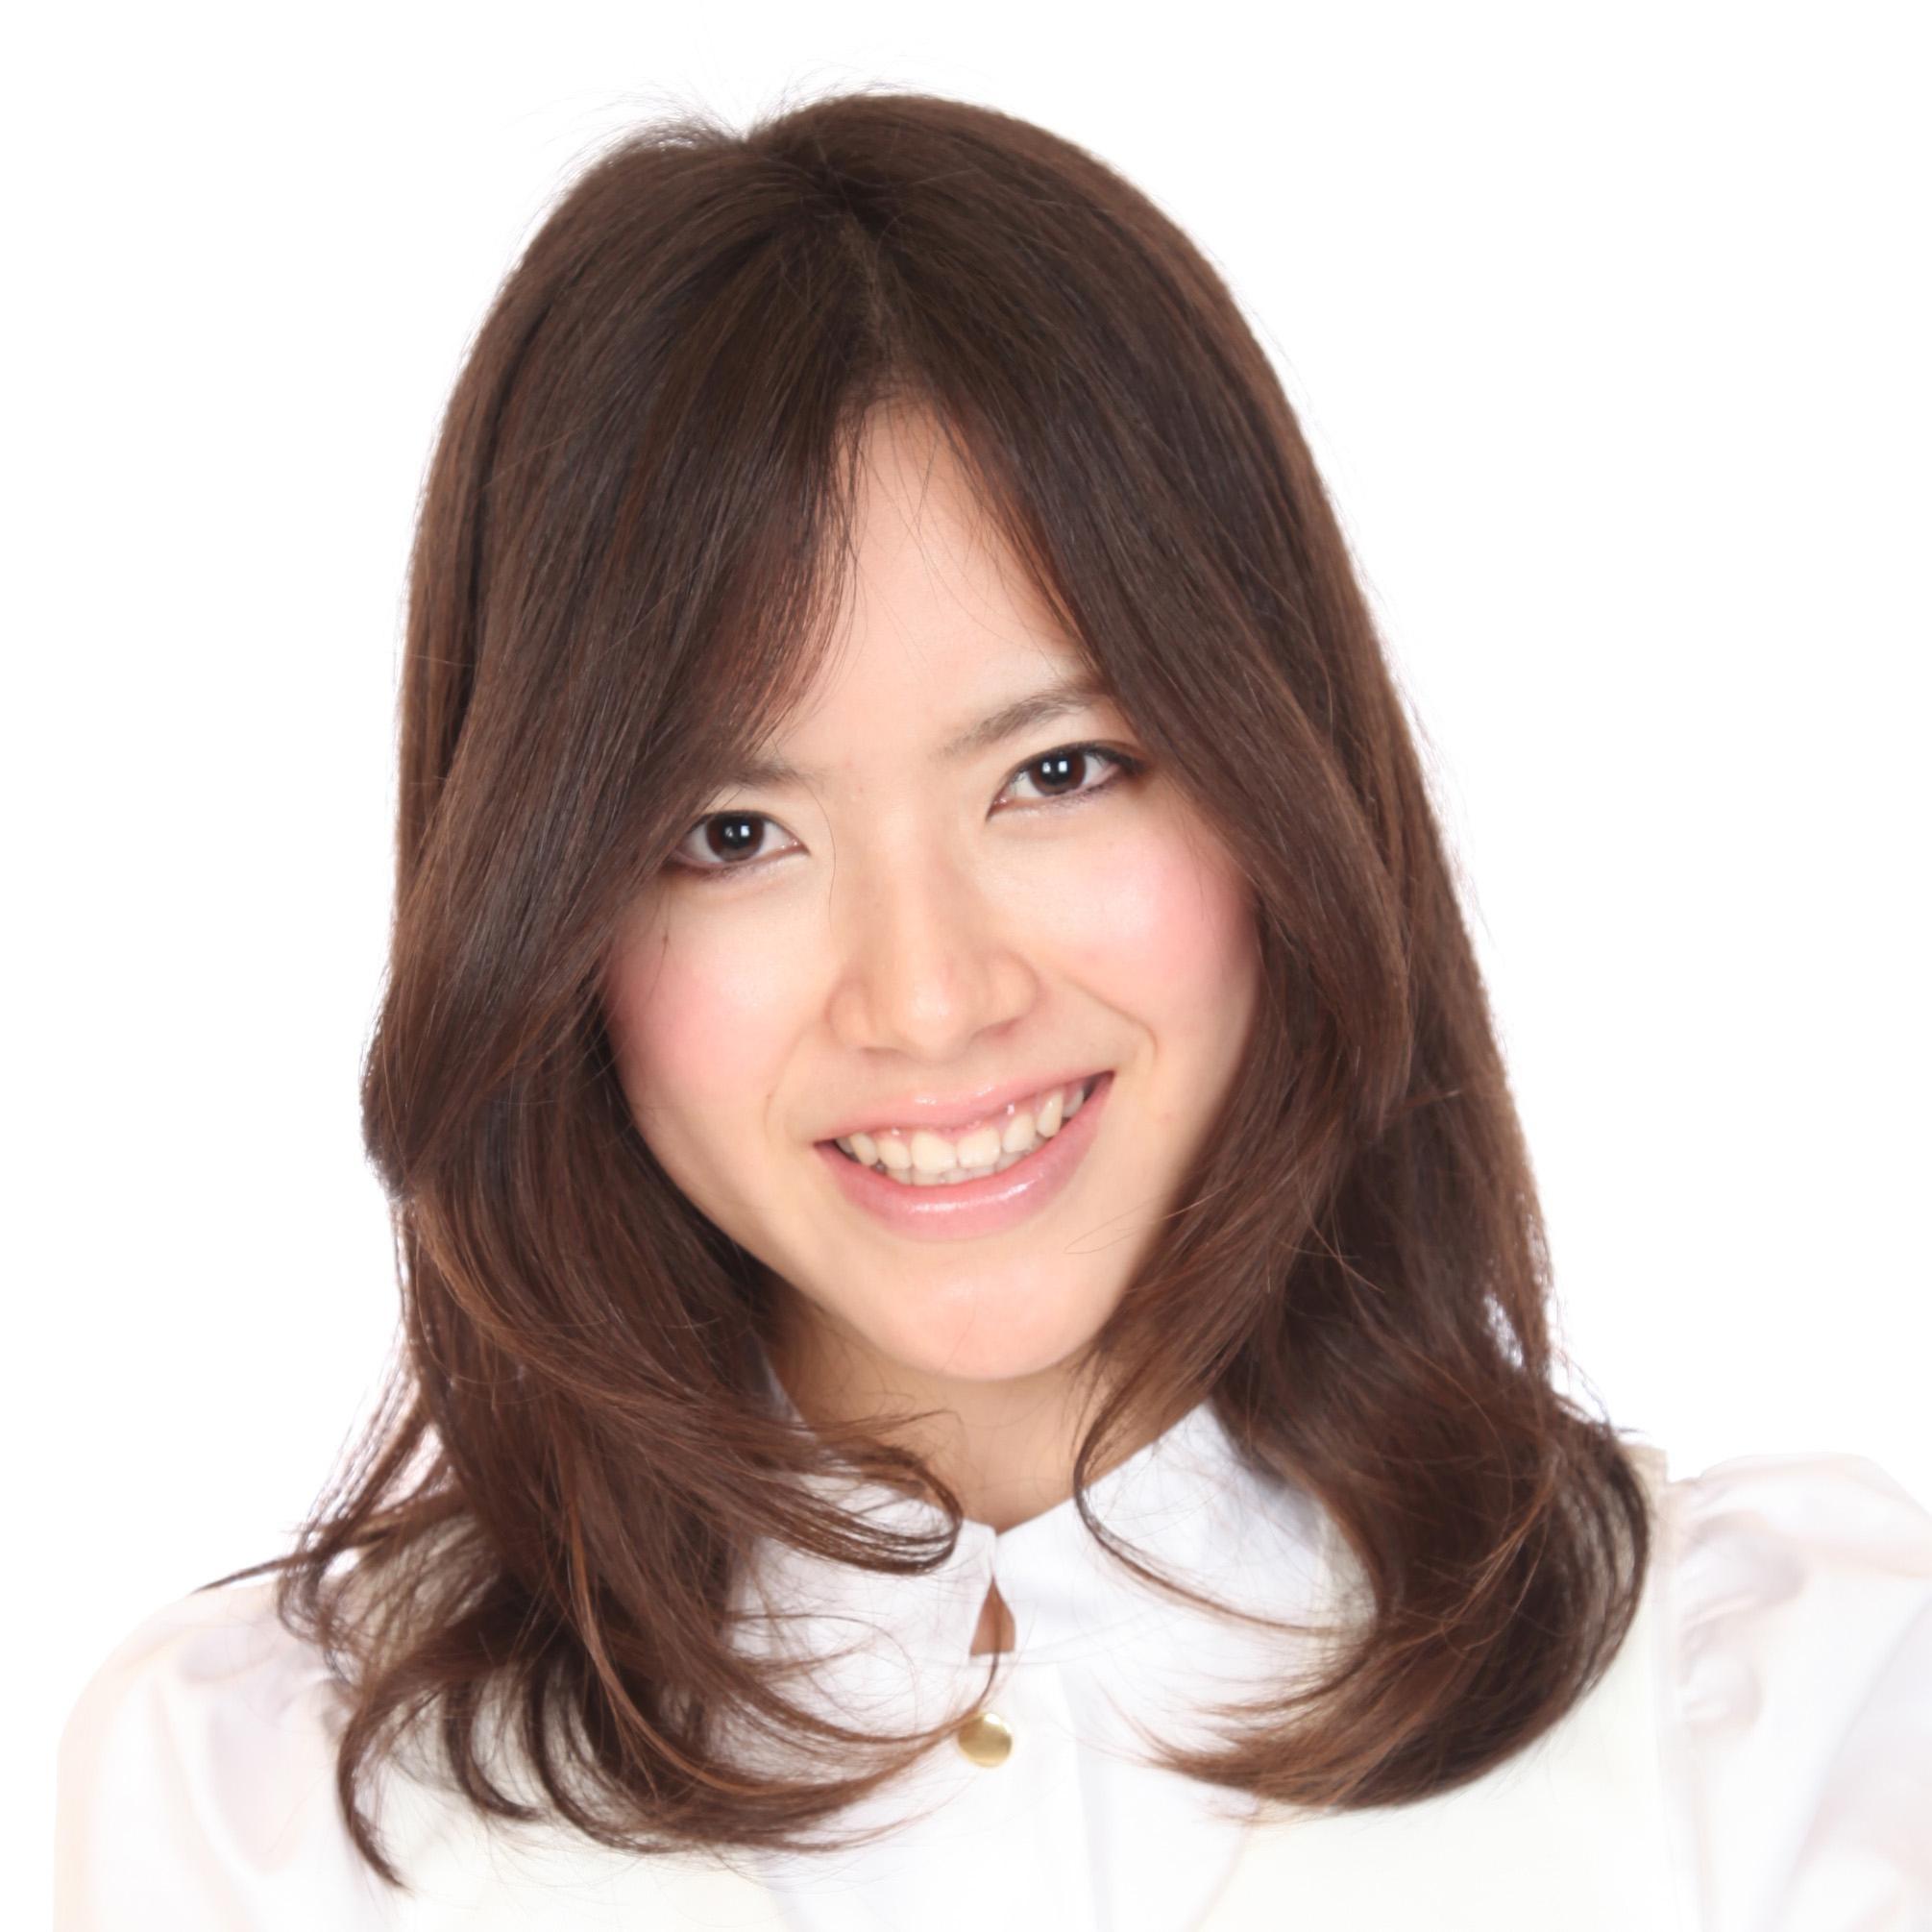 秋山ありす profile